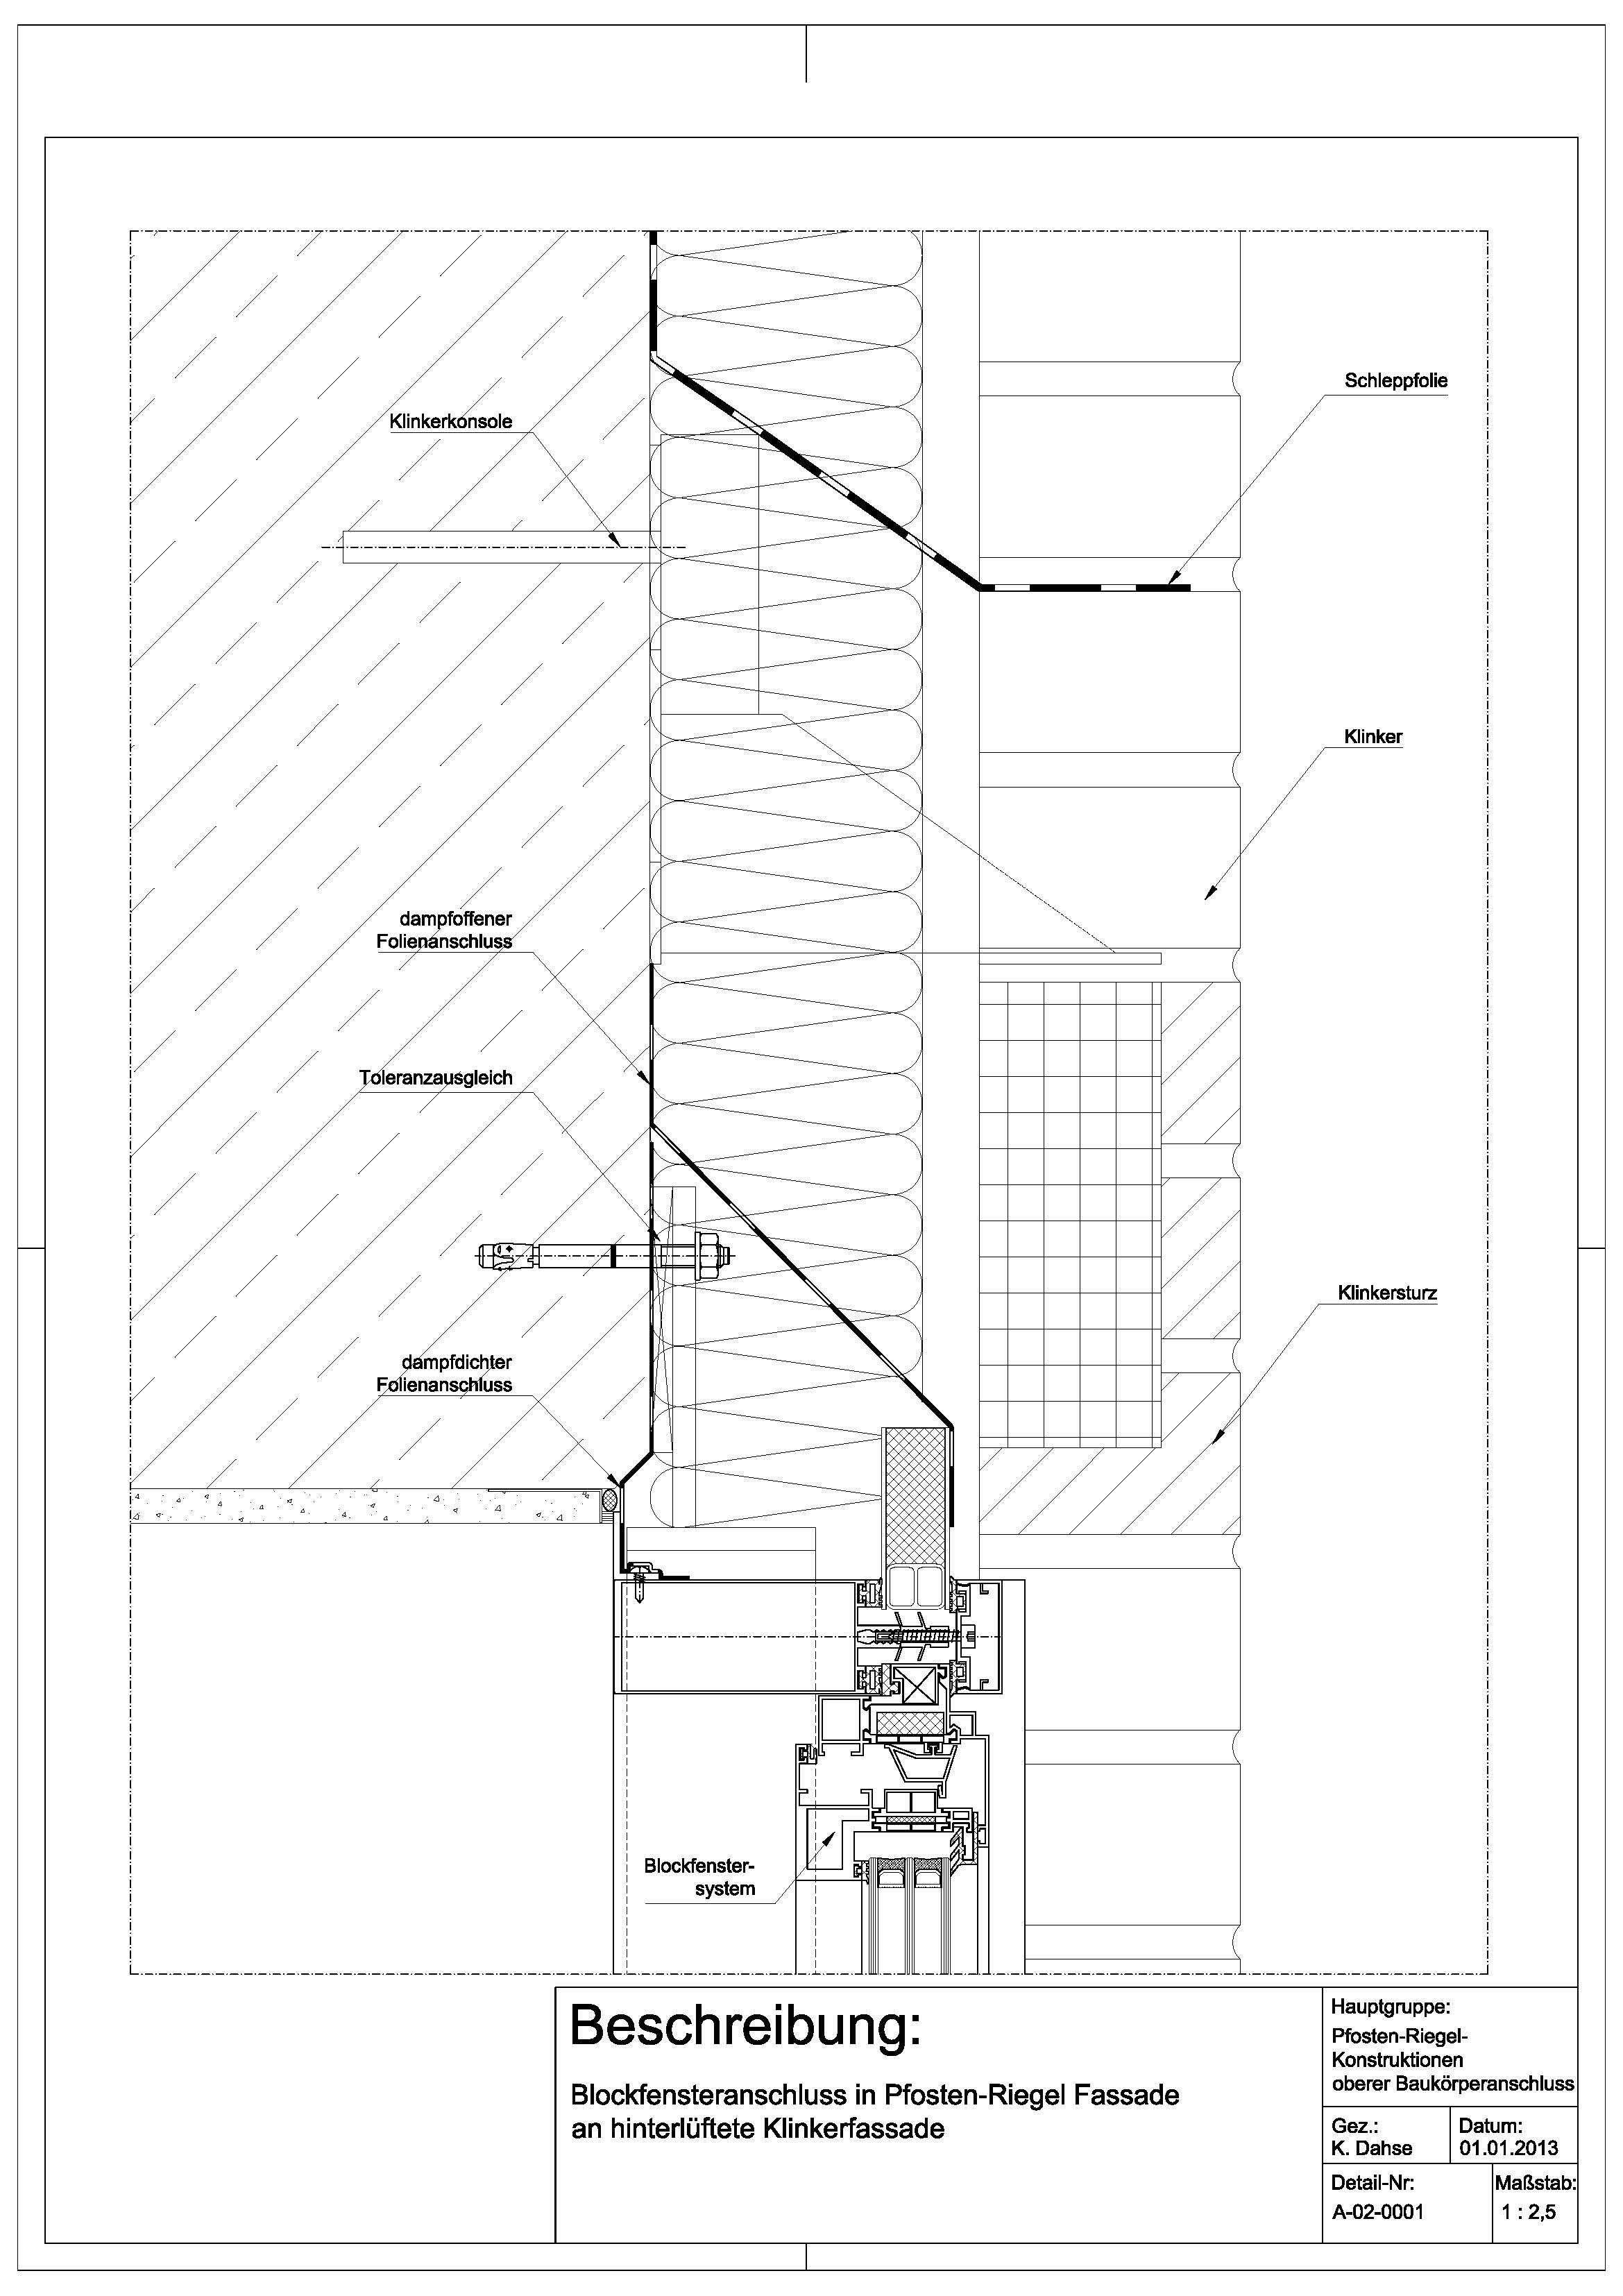 A020001 Blockfensteranschluss in PfostenRiegel Fassade